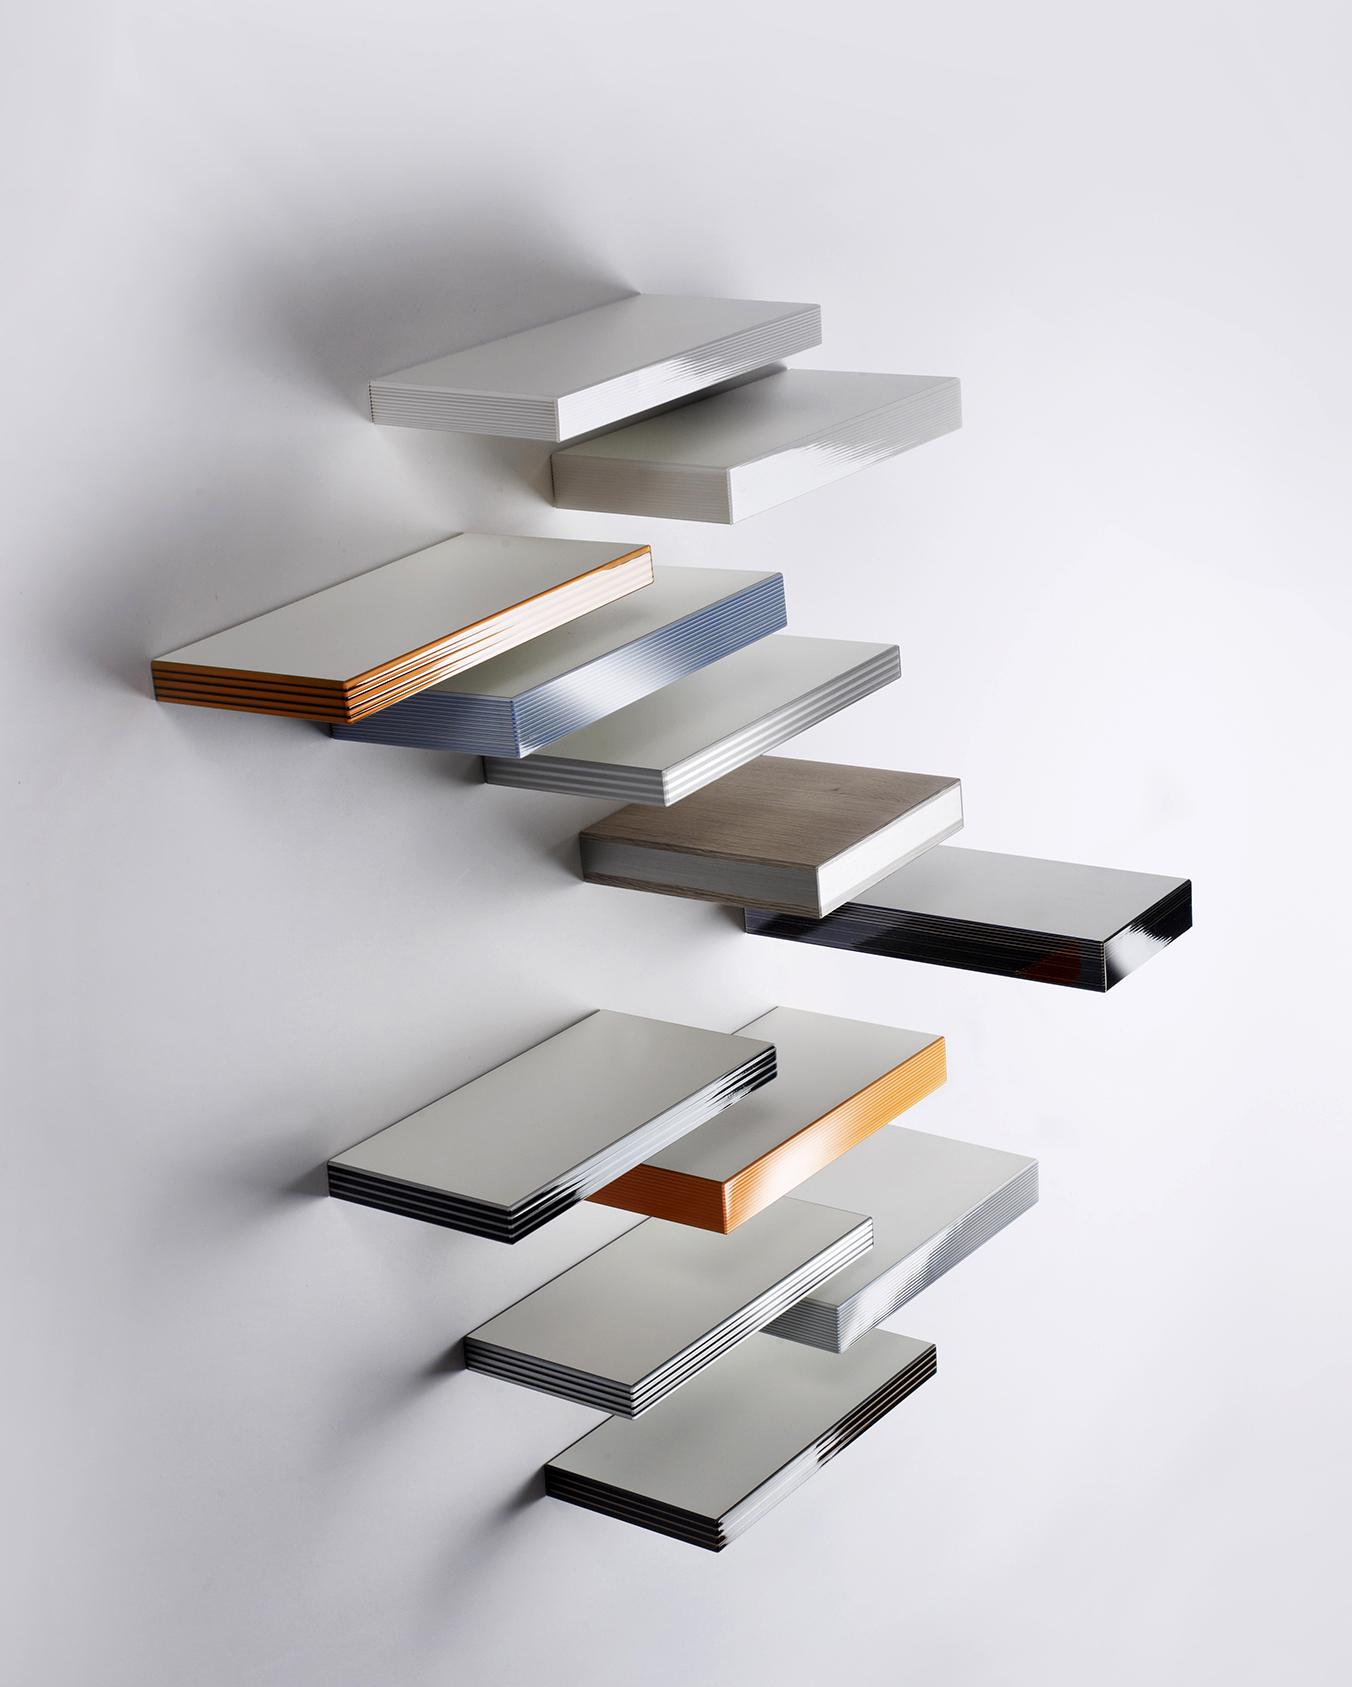 SURTECO - Kantenbänder aus Kunststoff